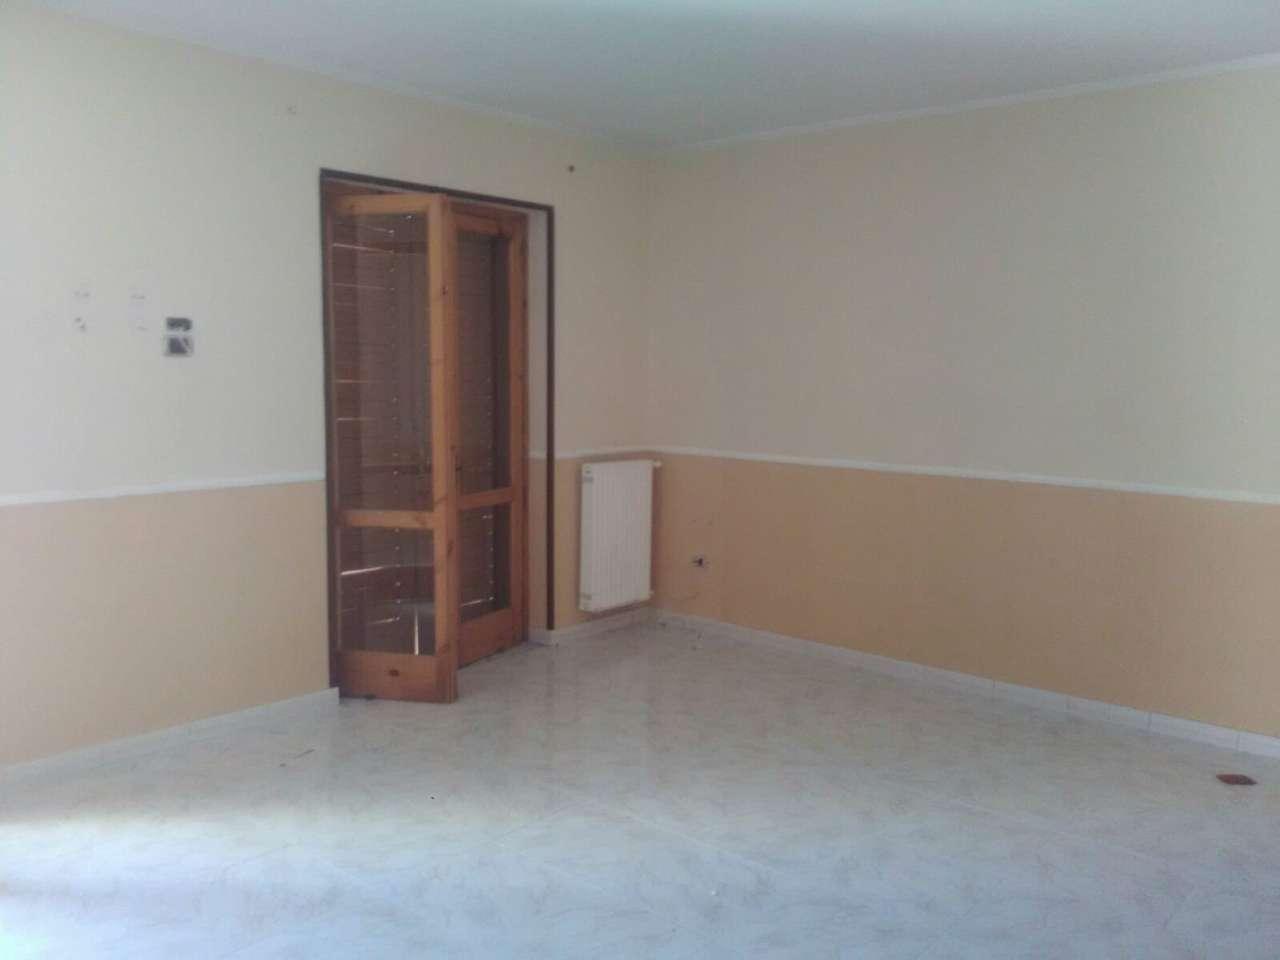 Appartamento in affitto a Giugliano in Campania, 4 locali, prezzo € 400 | CambioCasa.it